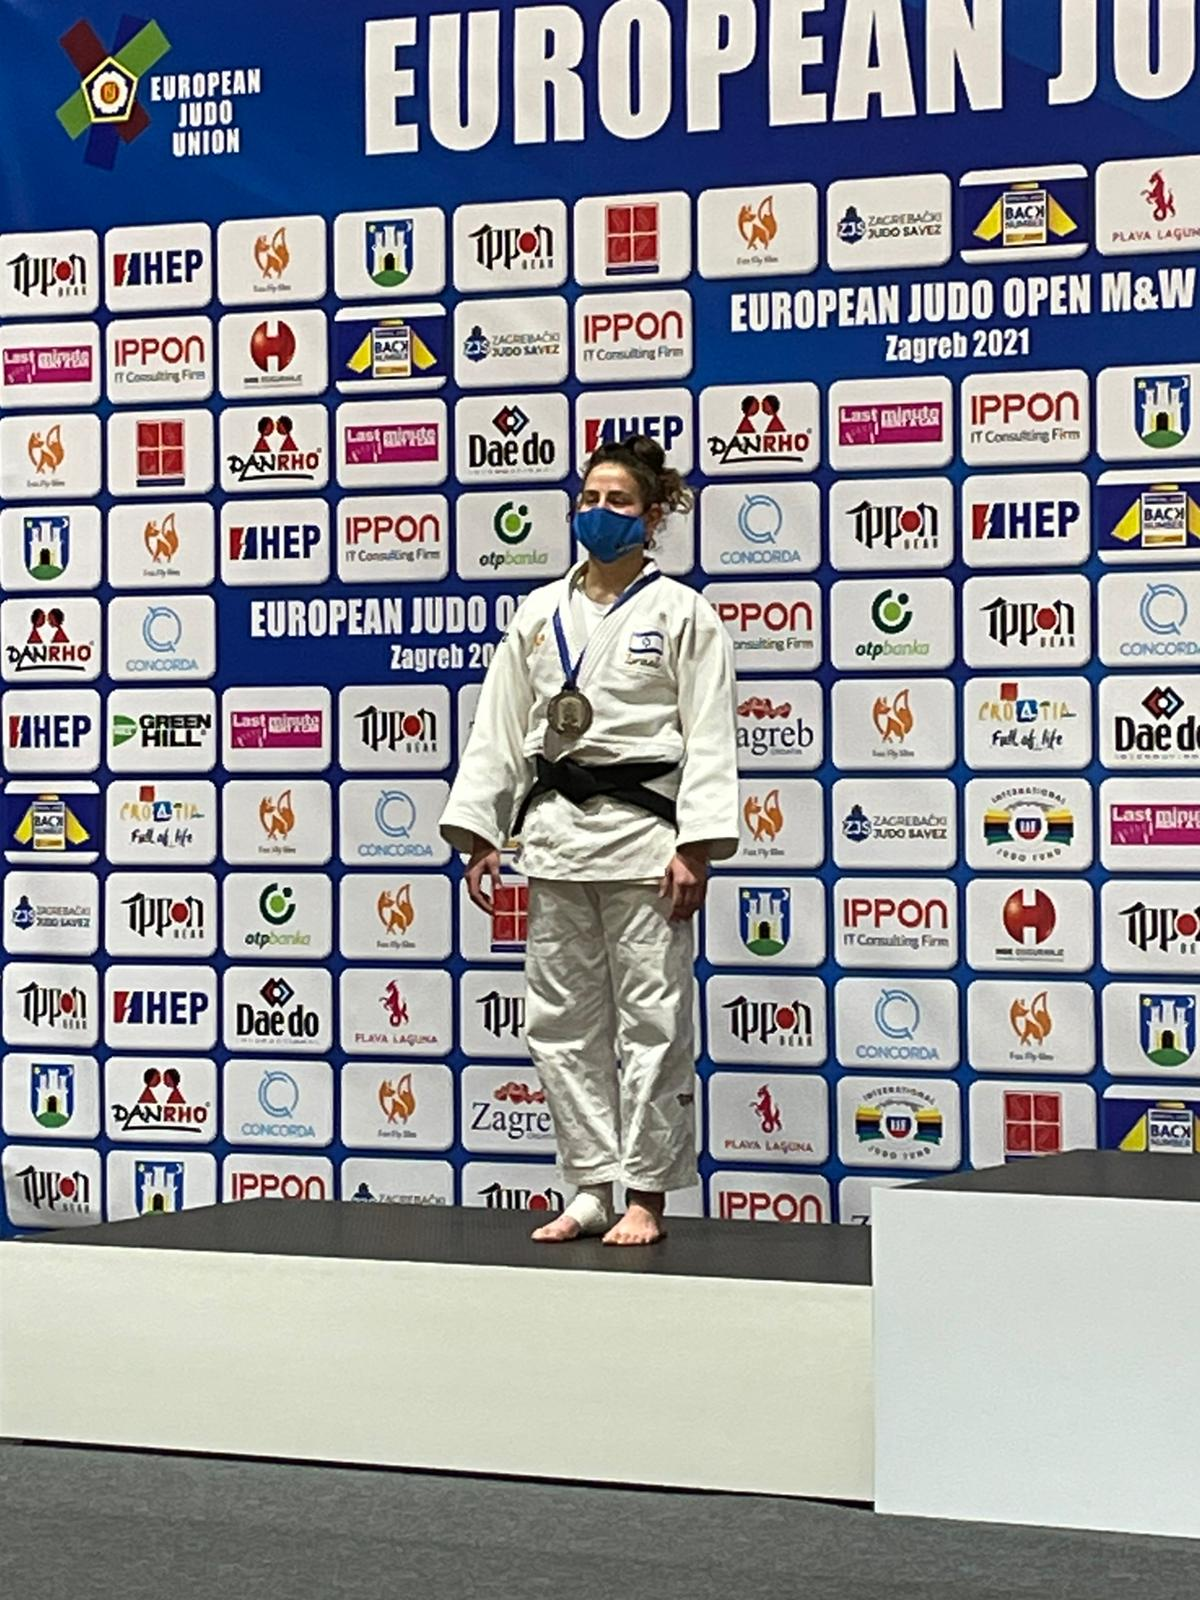 מיה לאופולד2 על דוכן המנצחים אליפות אירופה הפתוחה 1.5.21, צילום עמית לאופולד